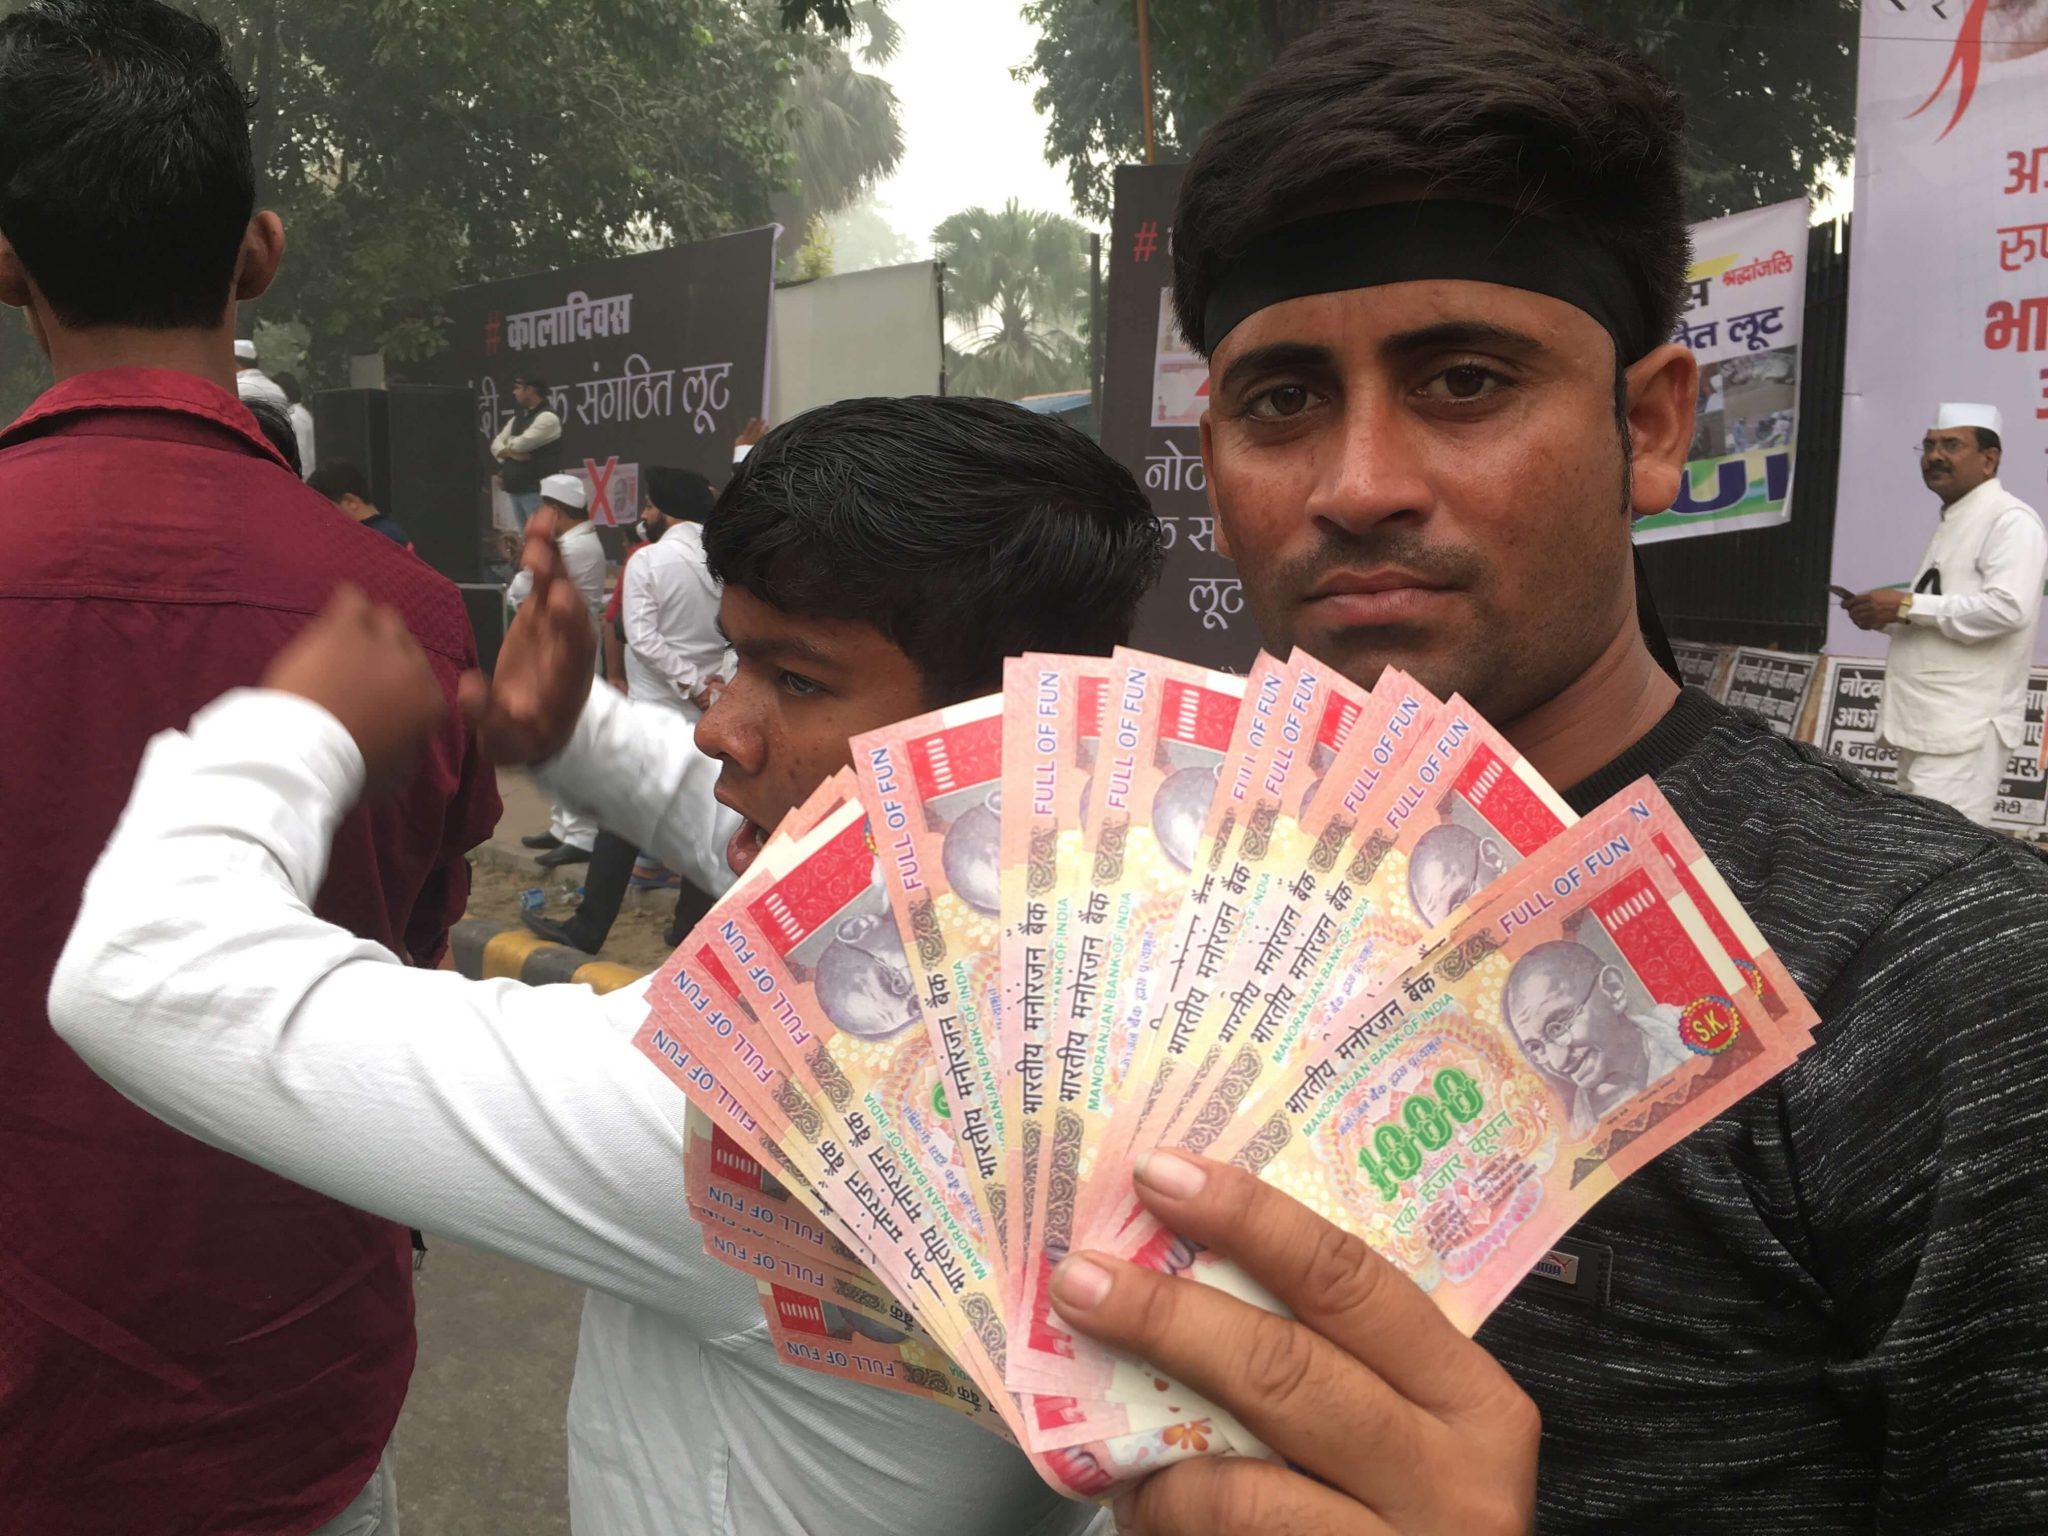 莫迪廢鈔滿週年,印度經濟怎麼了?